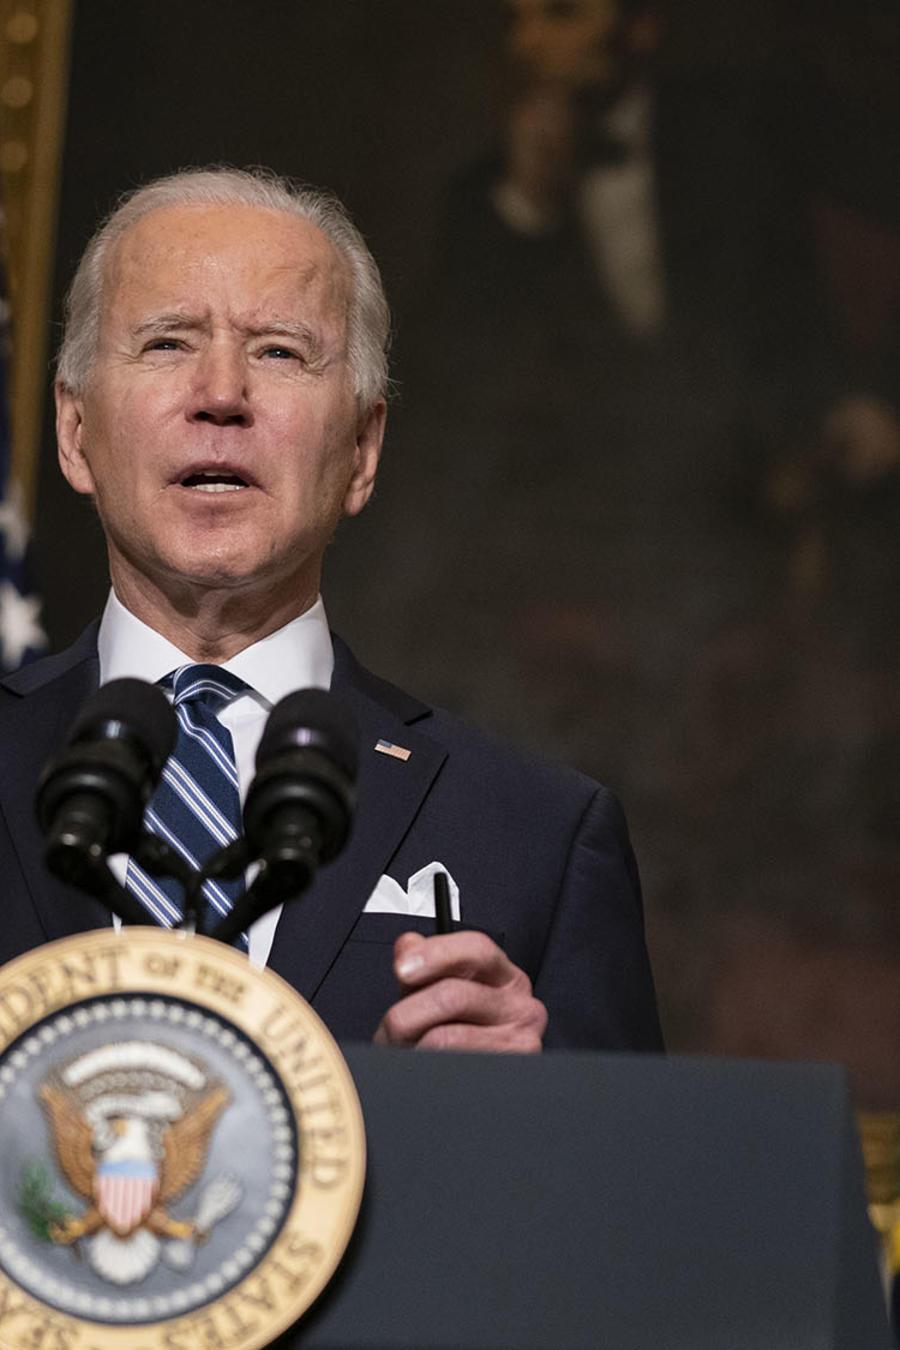 El presidente, Joe Biden, explica los detalles de su plan para reducir la contaminación y crear, al mismo tiempo, cientos de miles de puestos de trabajo.